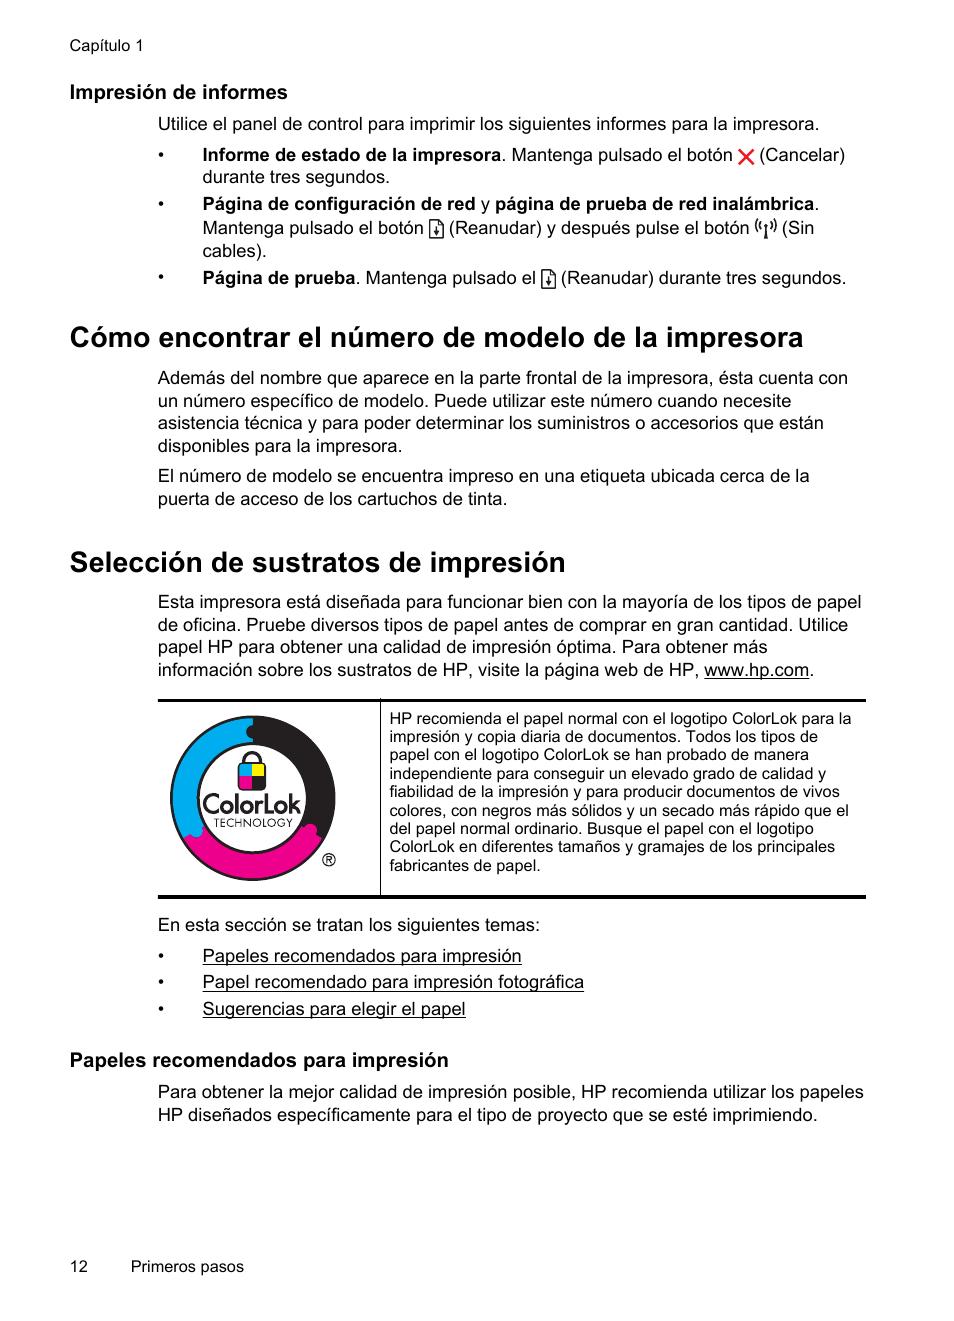 Impresión de informes, Cómo encontrar el número de modelo de la ...